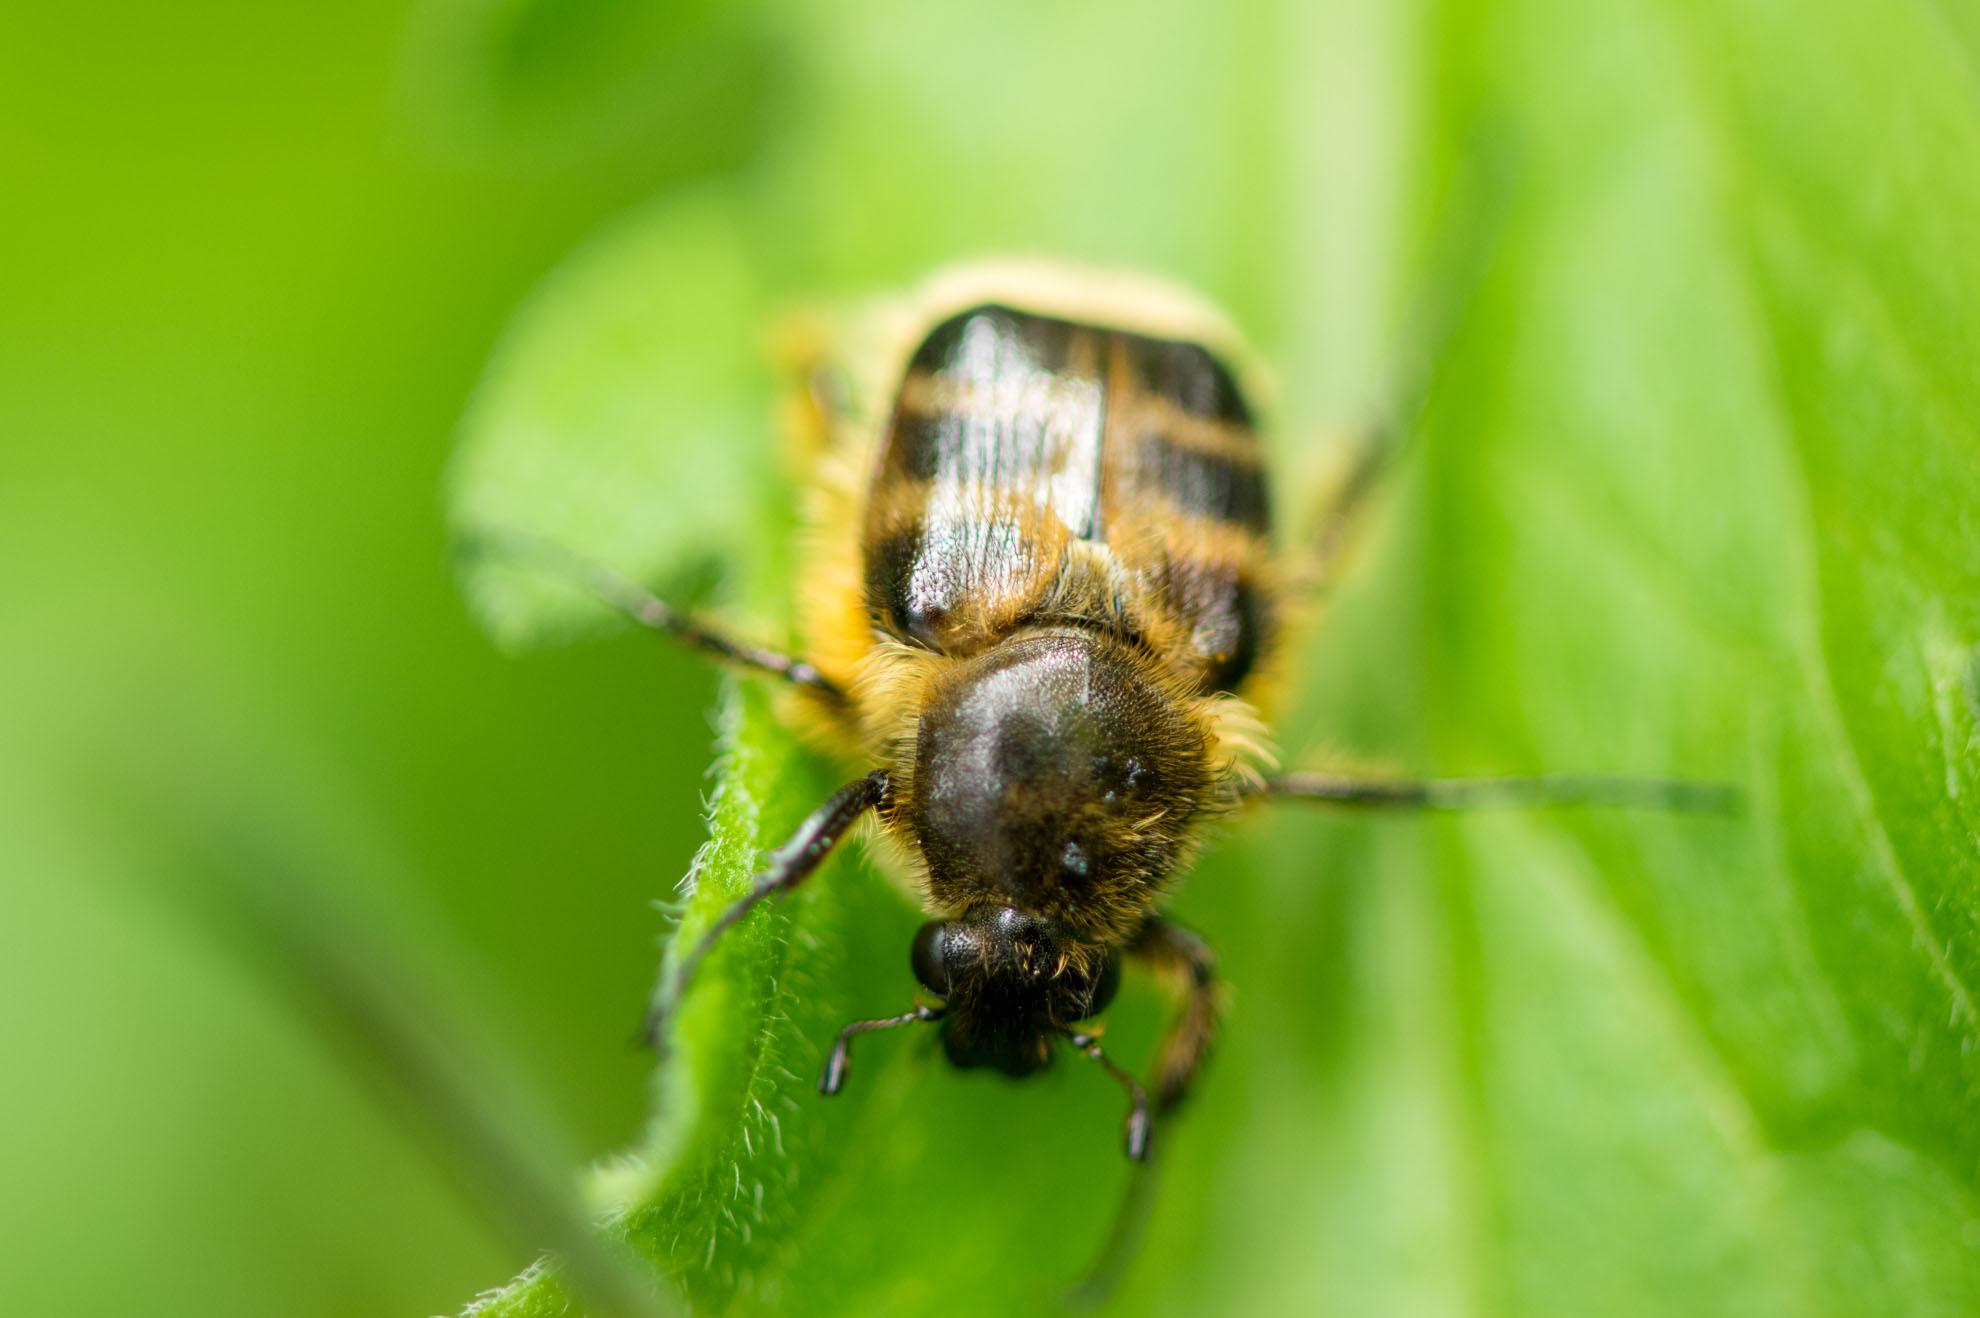 ハチのようなハナムグリのような甲虫のヒメトラハナムグリ